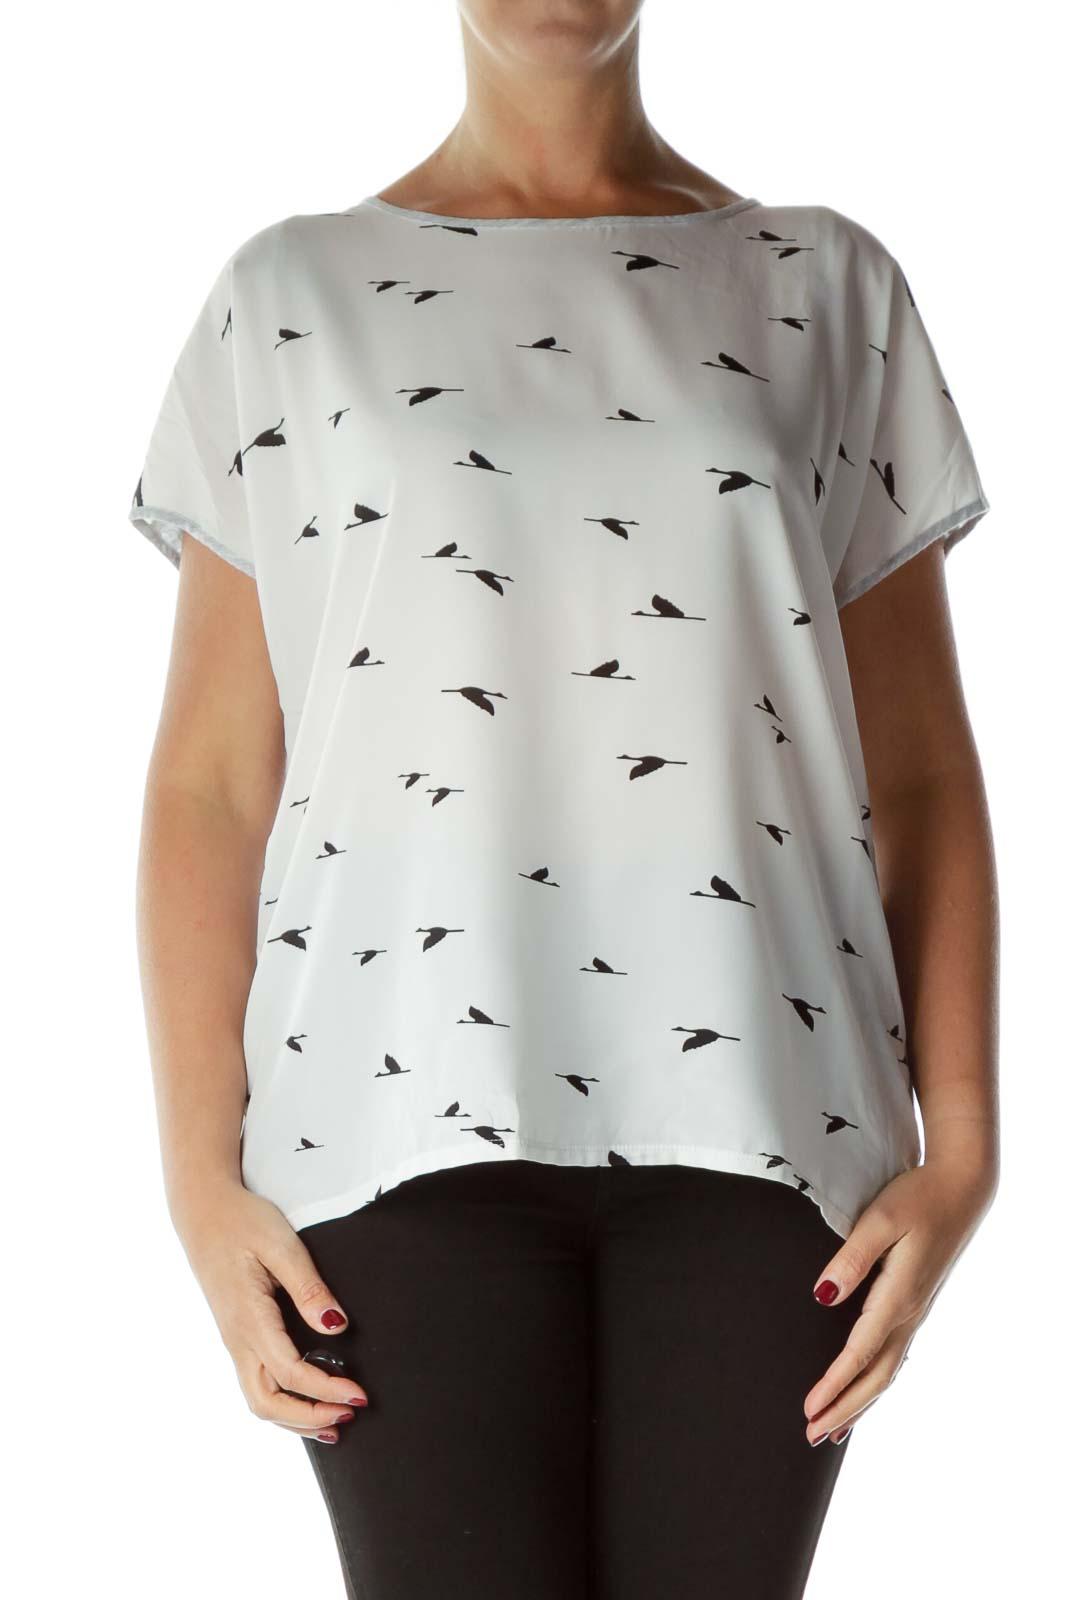 White Black Bird Print Sleeveless Blouse